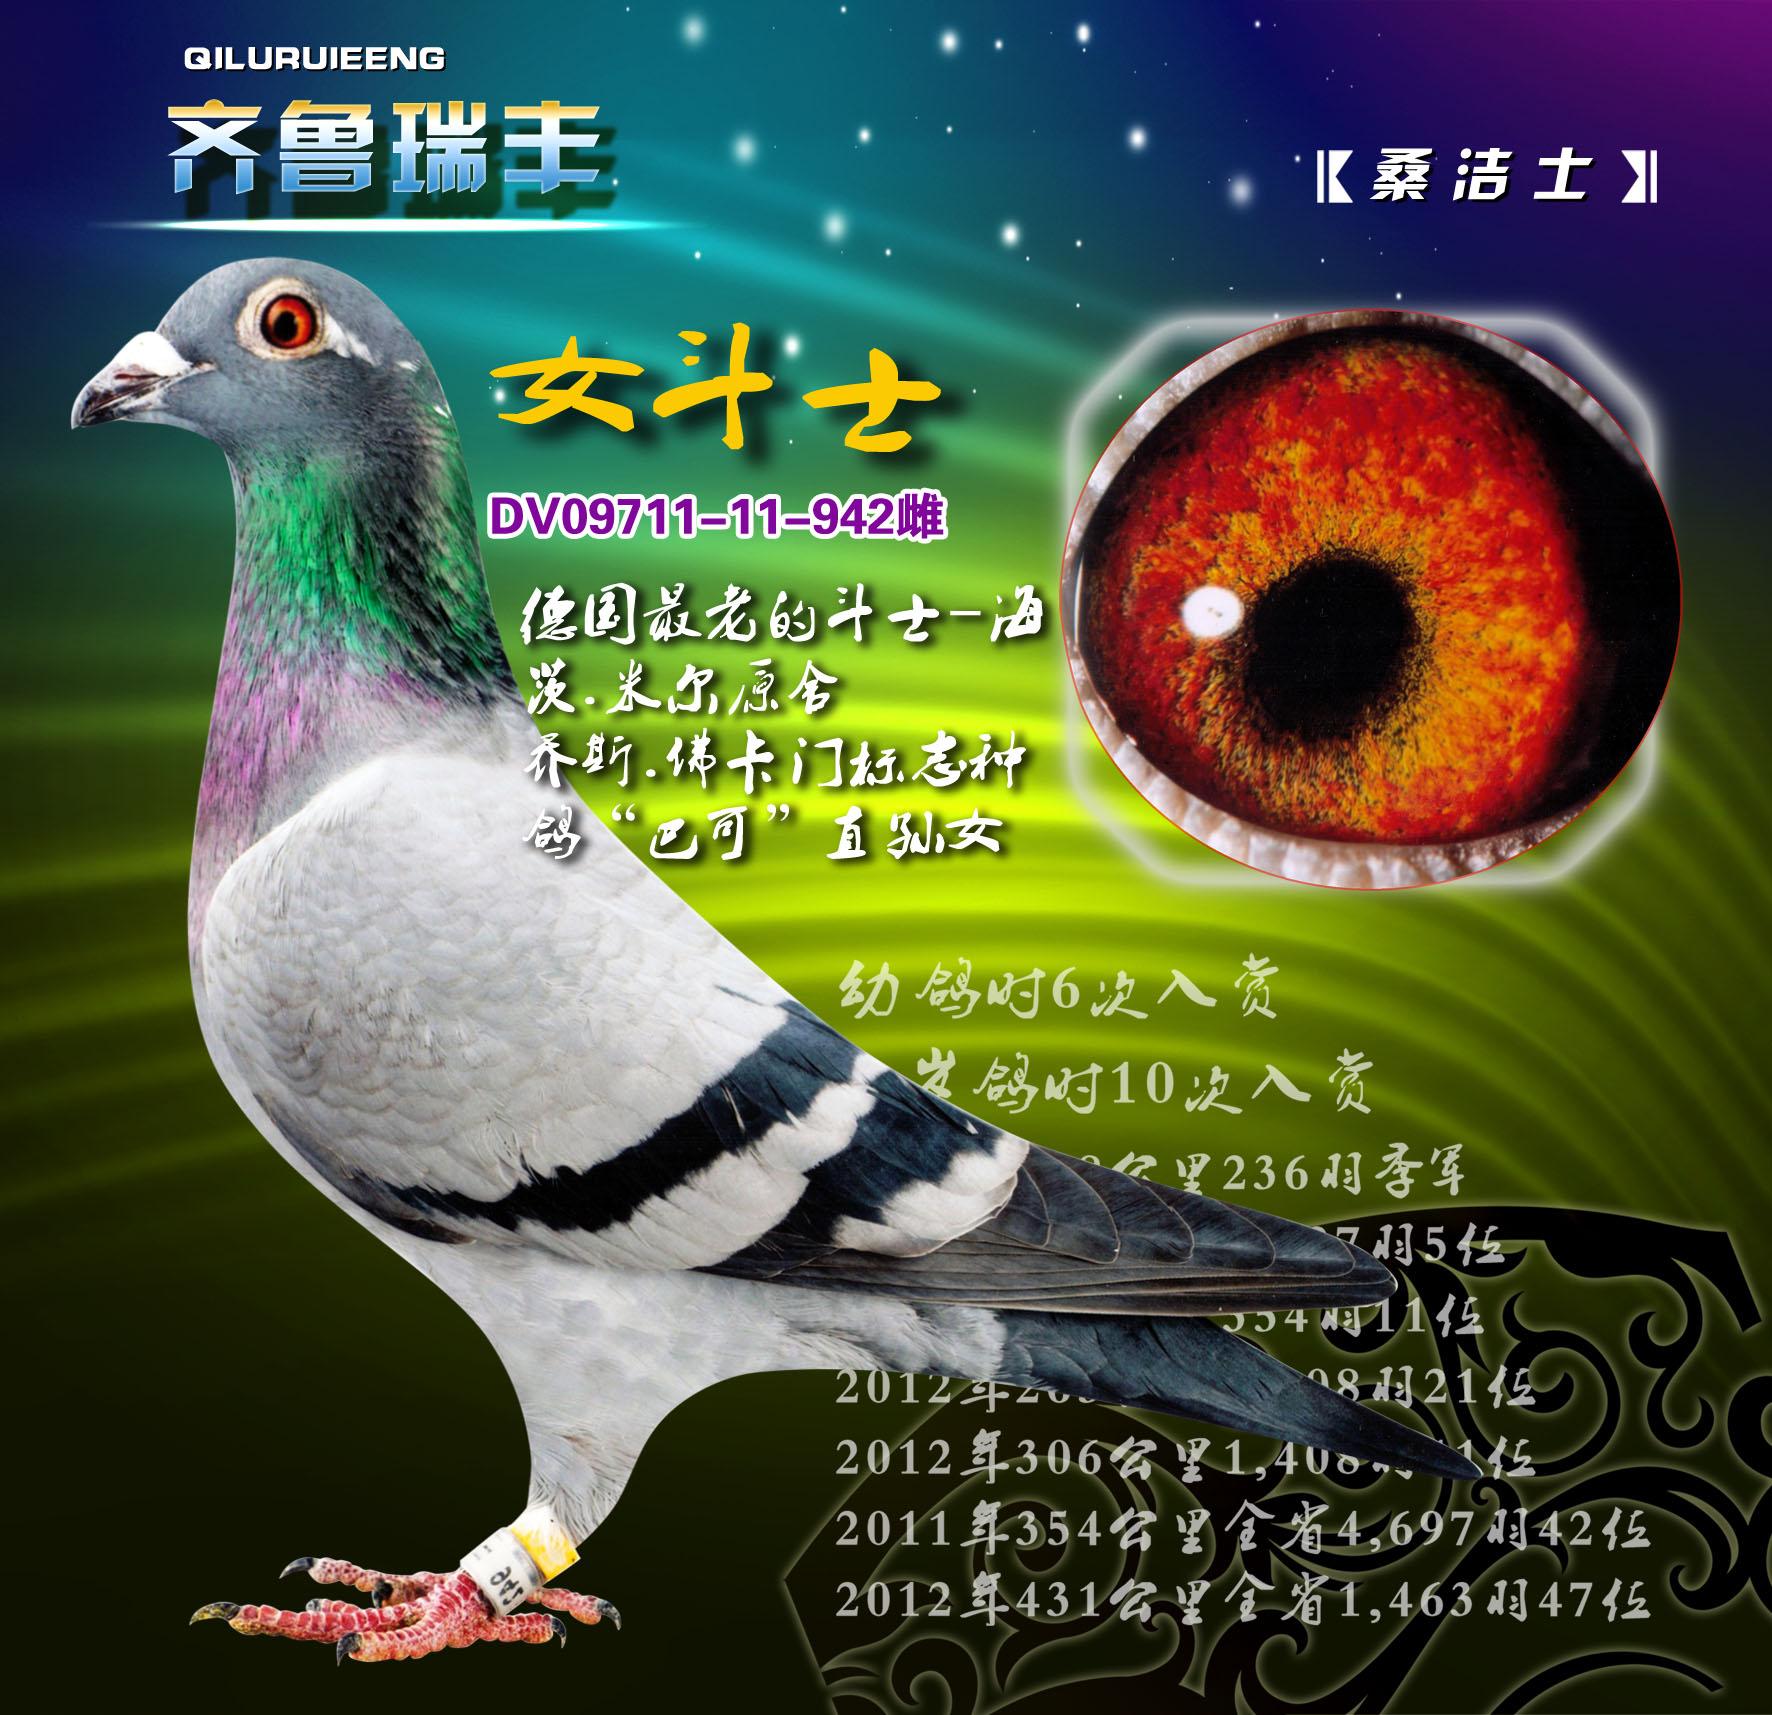 动物 鸽 鸽子 教学图示 鸟 鸟类 1772_1715